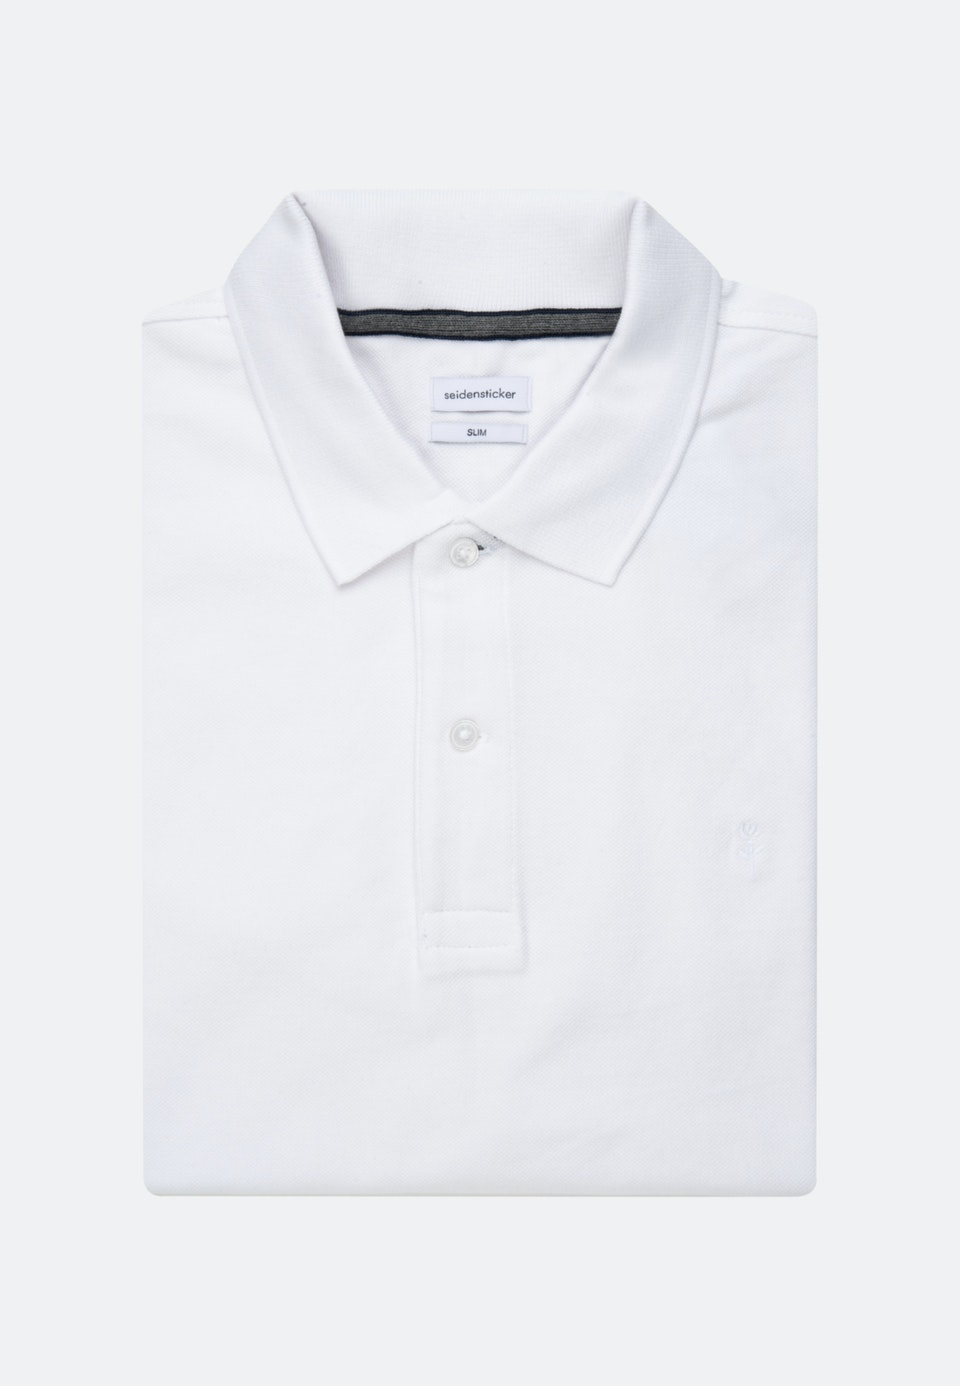 Polo-Shirt Slim made of 100% Cotton in White |  Seidensticker Onlineshop